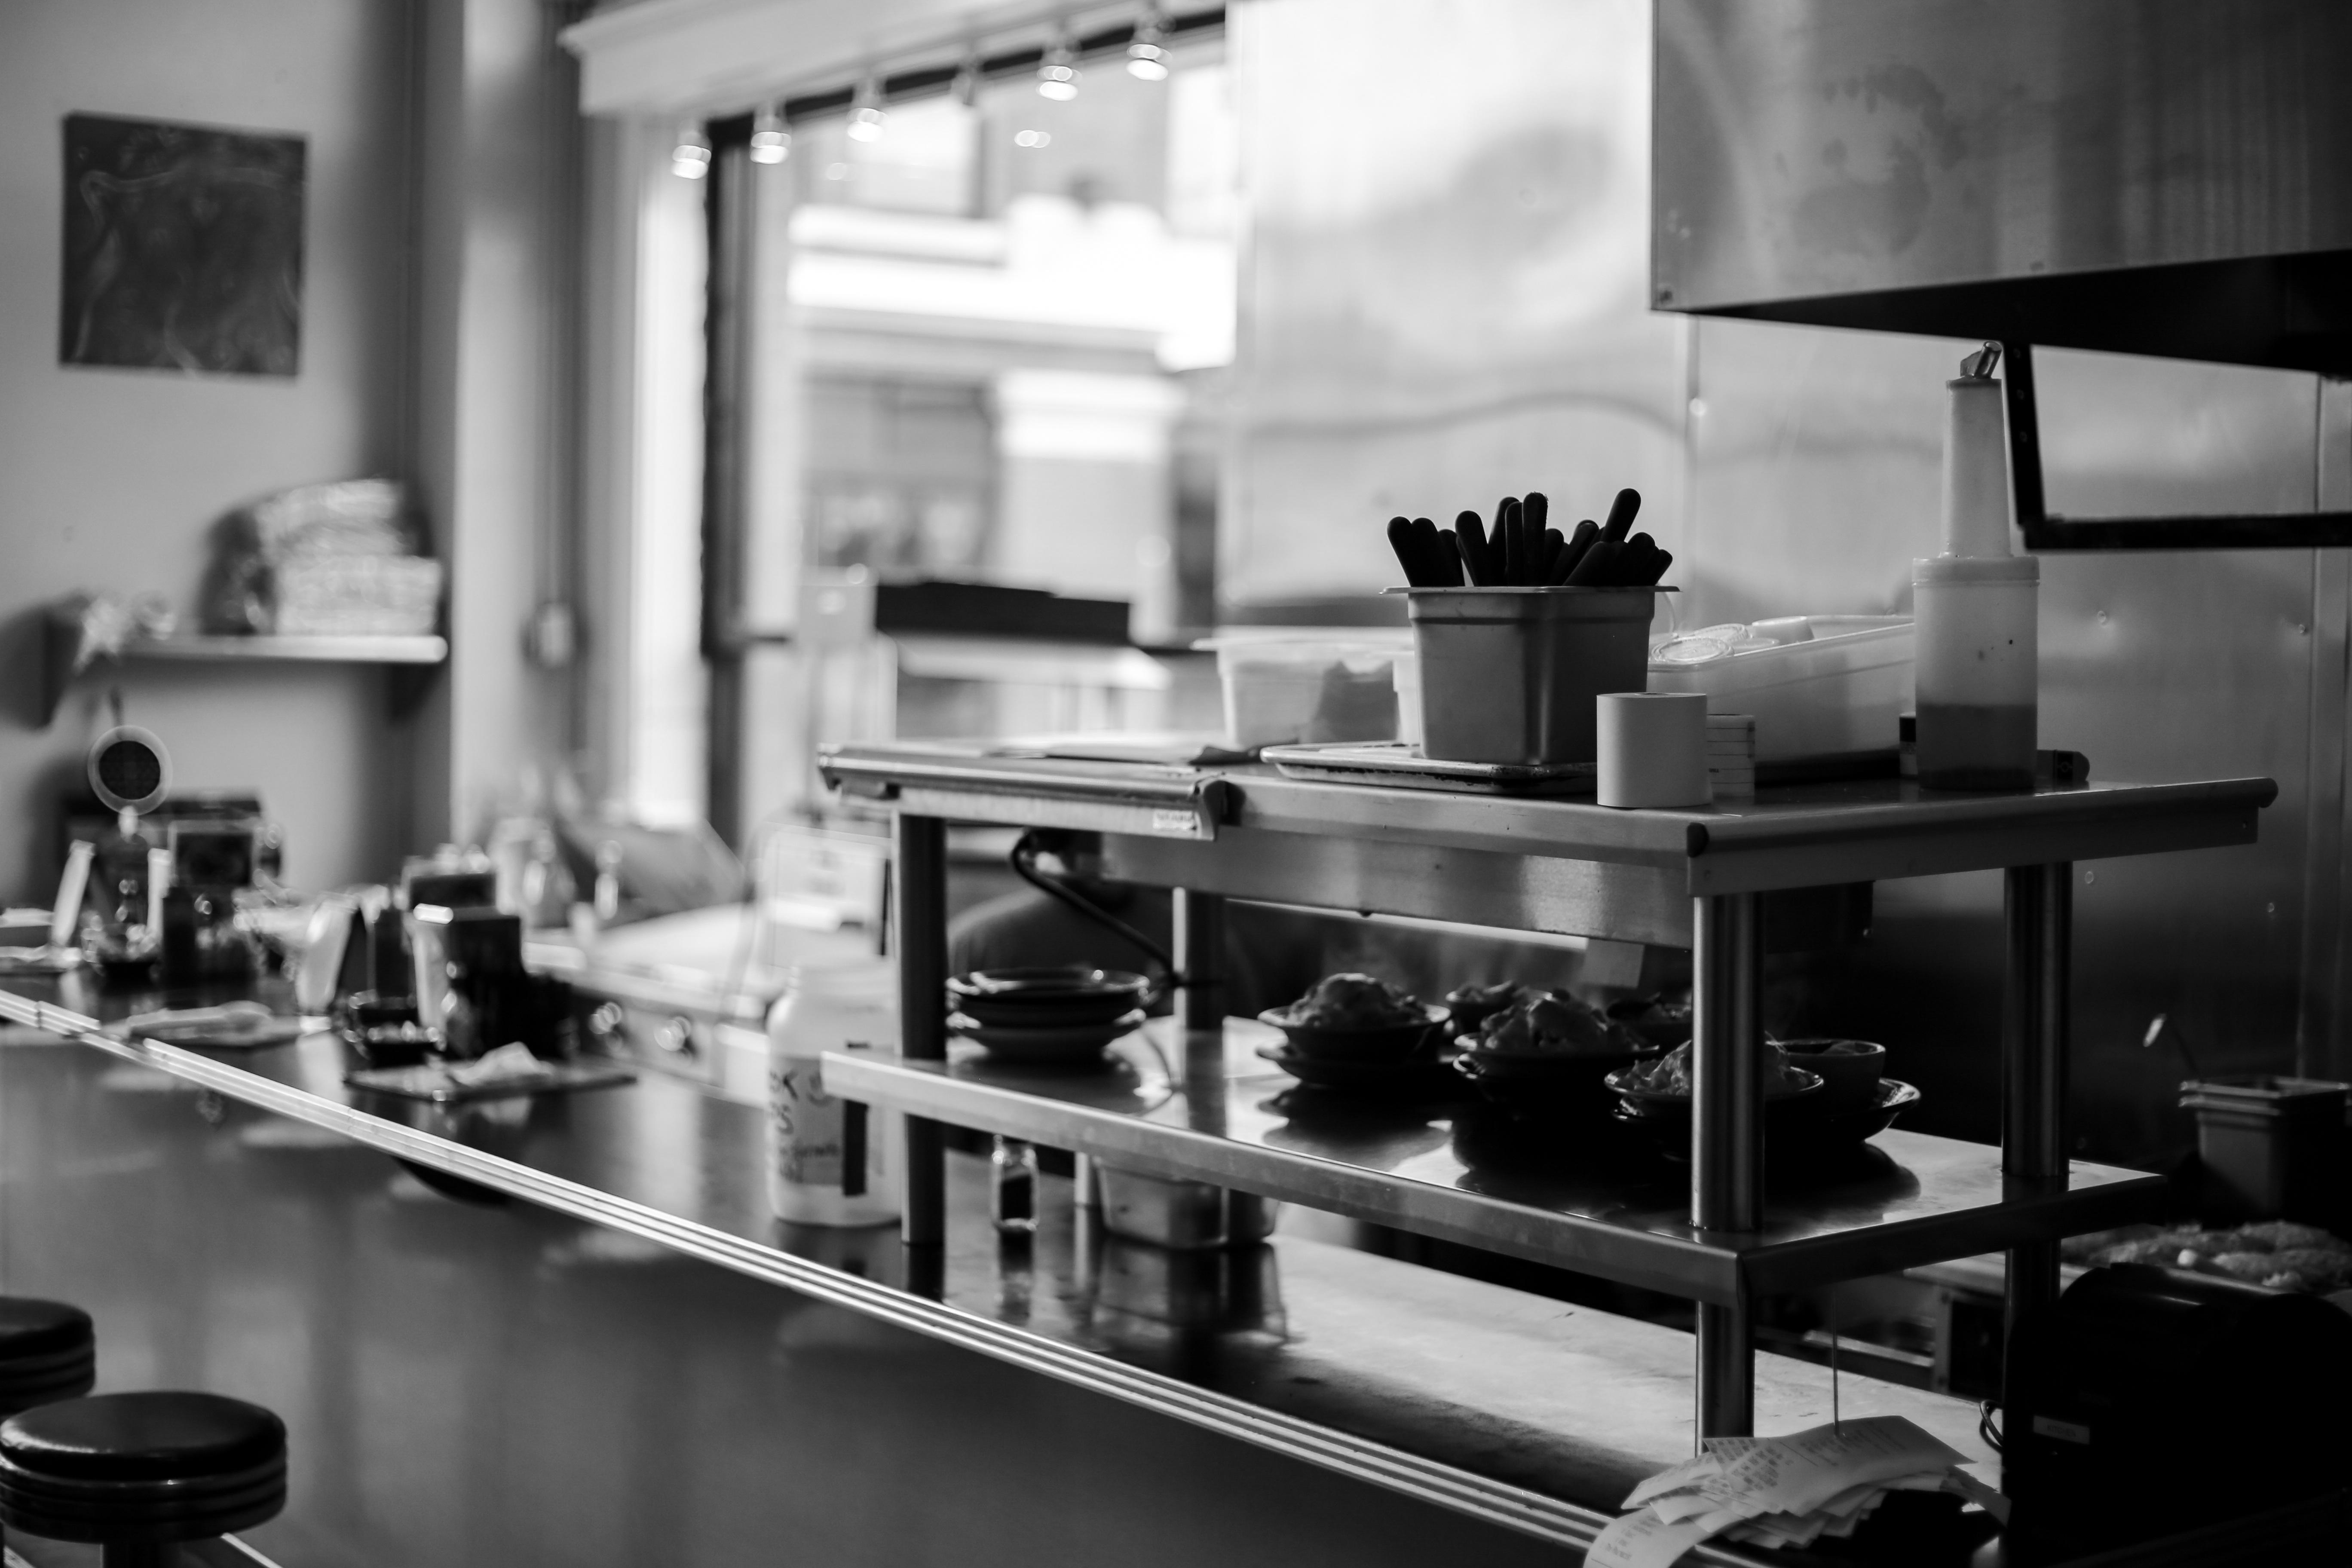 Fotos gratis en blanco y negro restaurante bar cocina habitaci n monocromo dise o de - Fotos en blanco ...